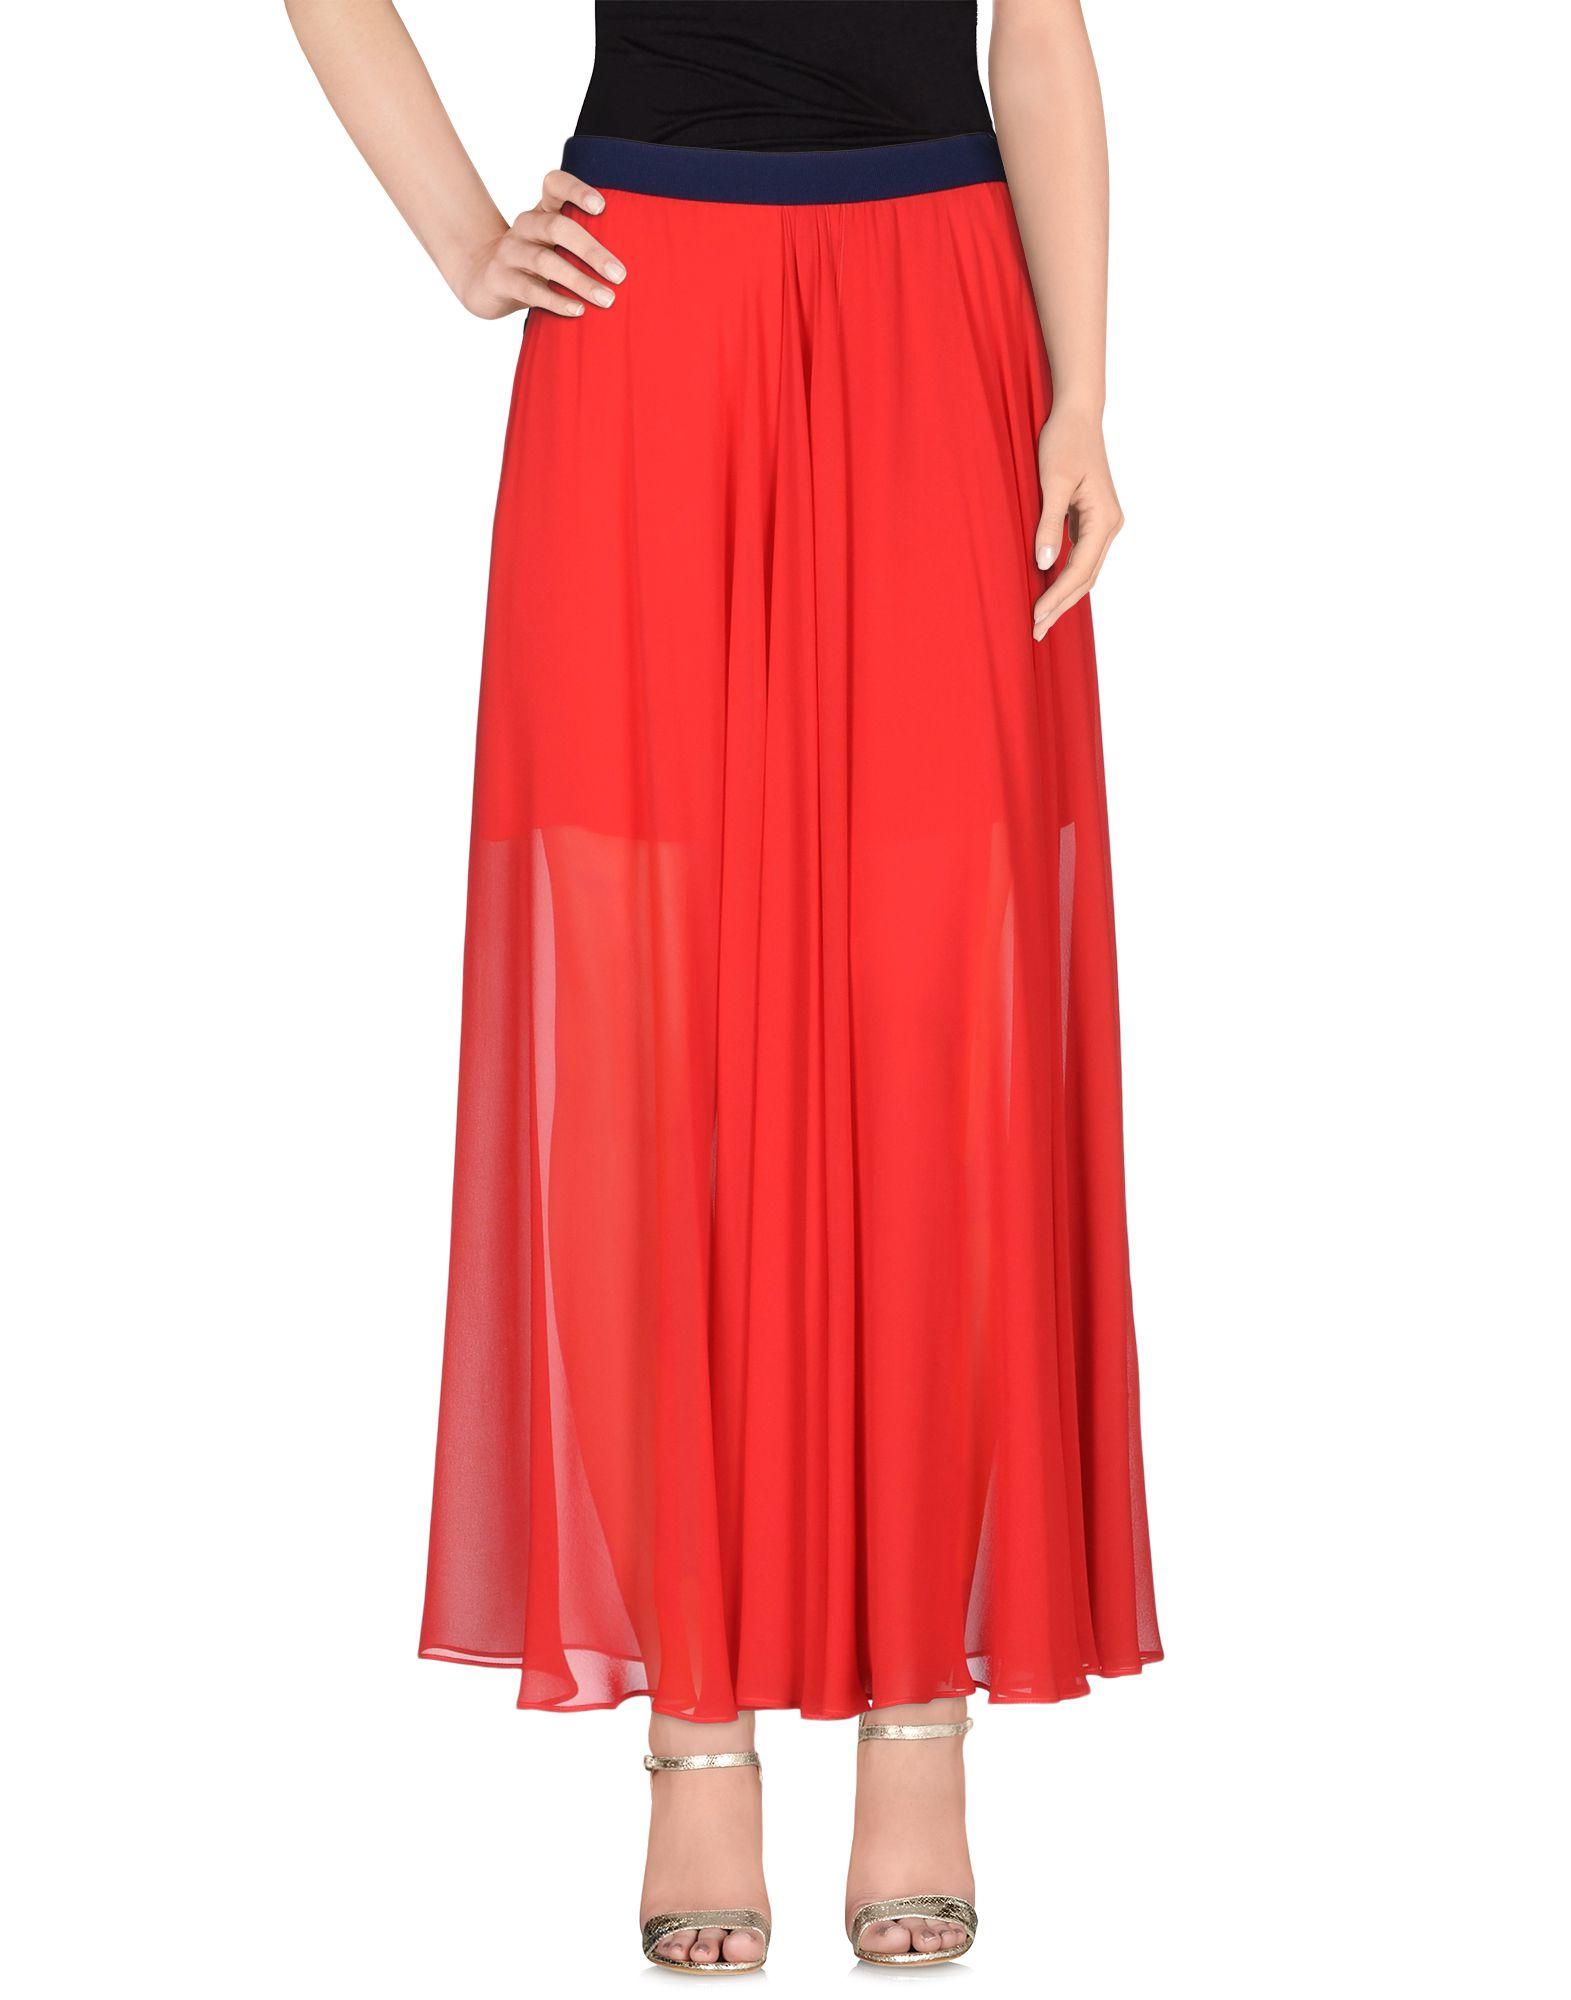 Alysi Long Skirt in Red | Lyst